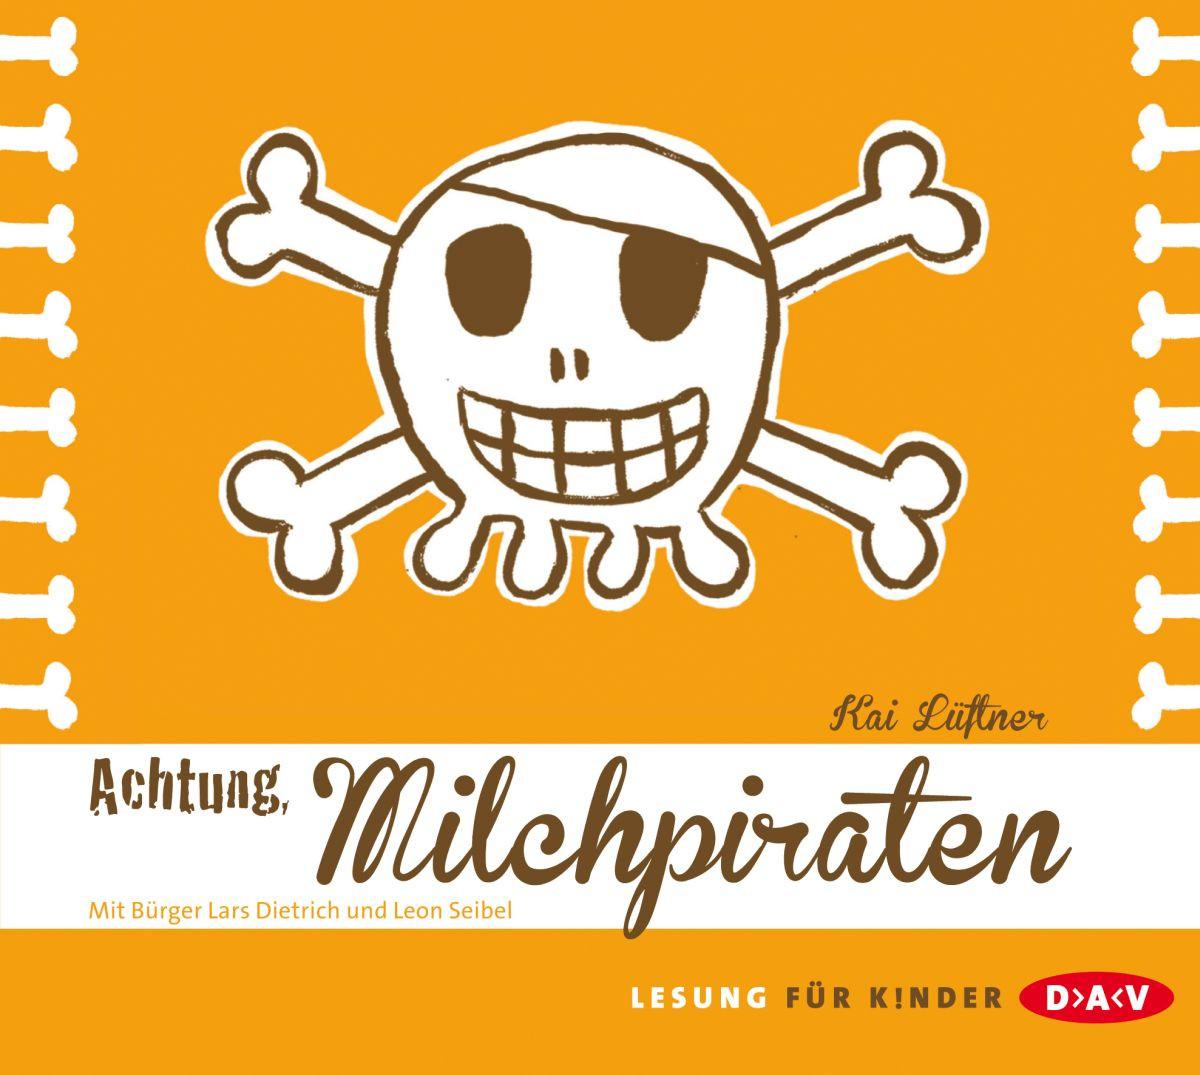 Kai Lüftner - Achtung, Milchpiraten!